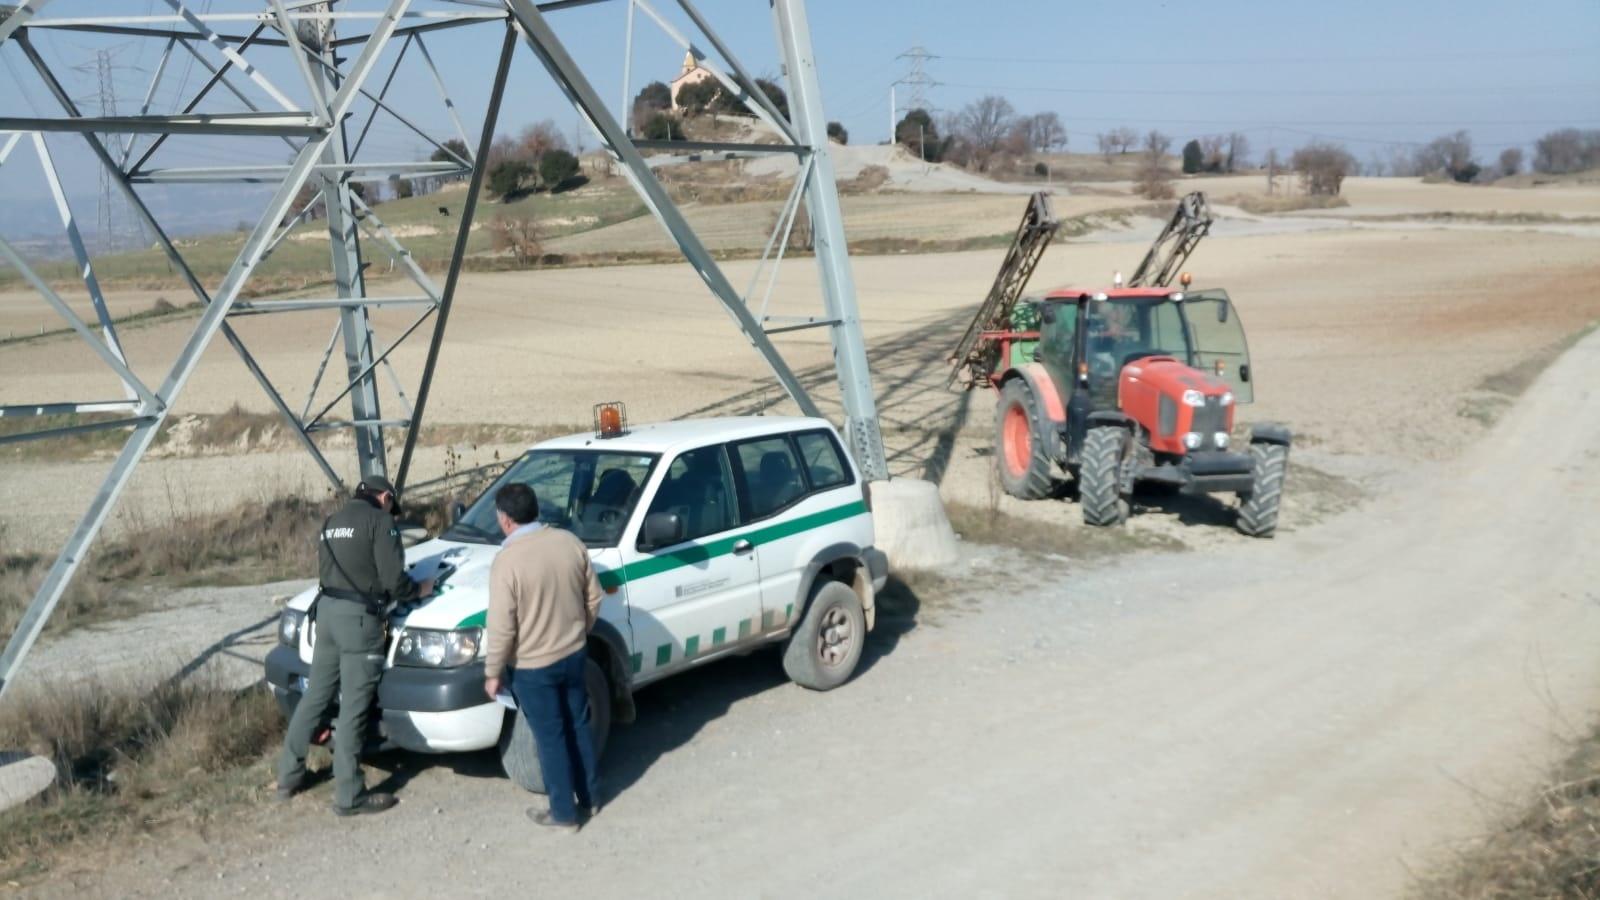 Inspecció de maquinària d'aplicació de productes fitosanitaris per part dels Agents Rurals